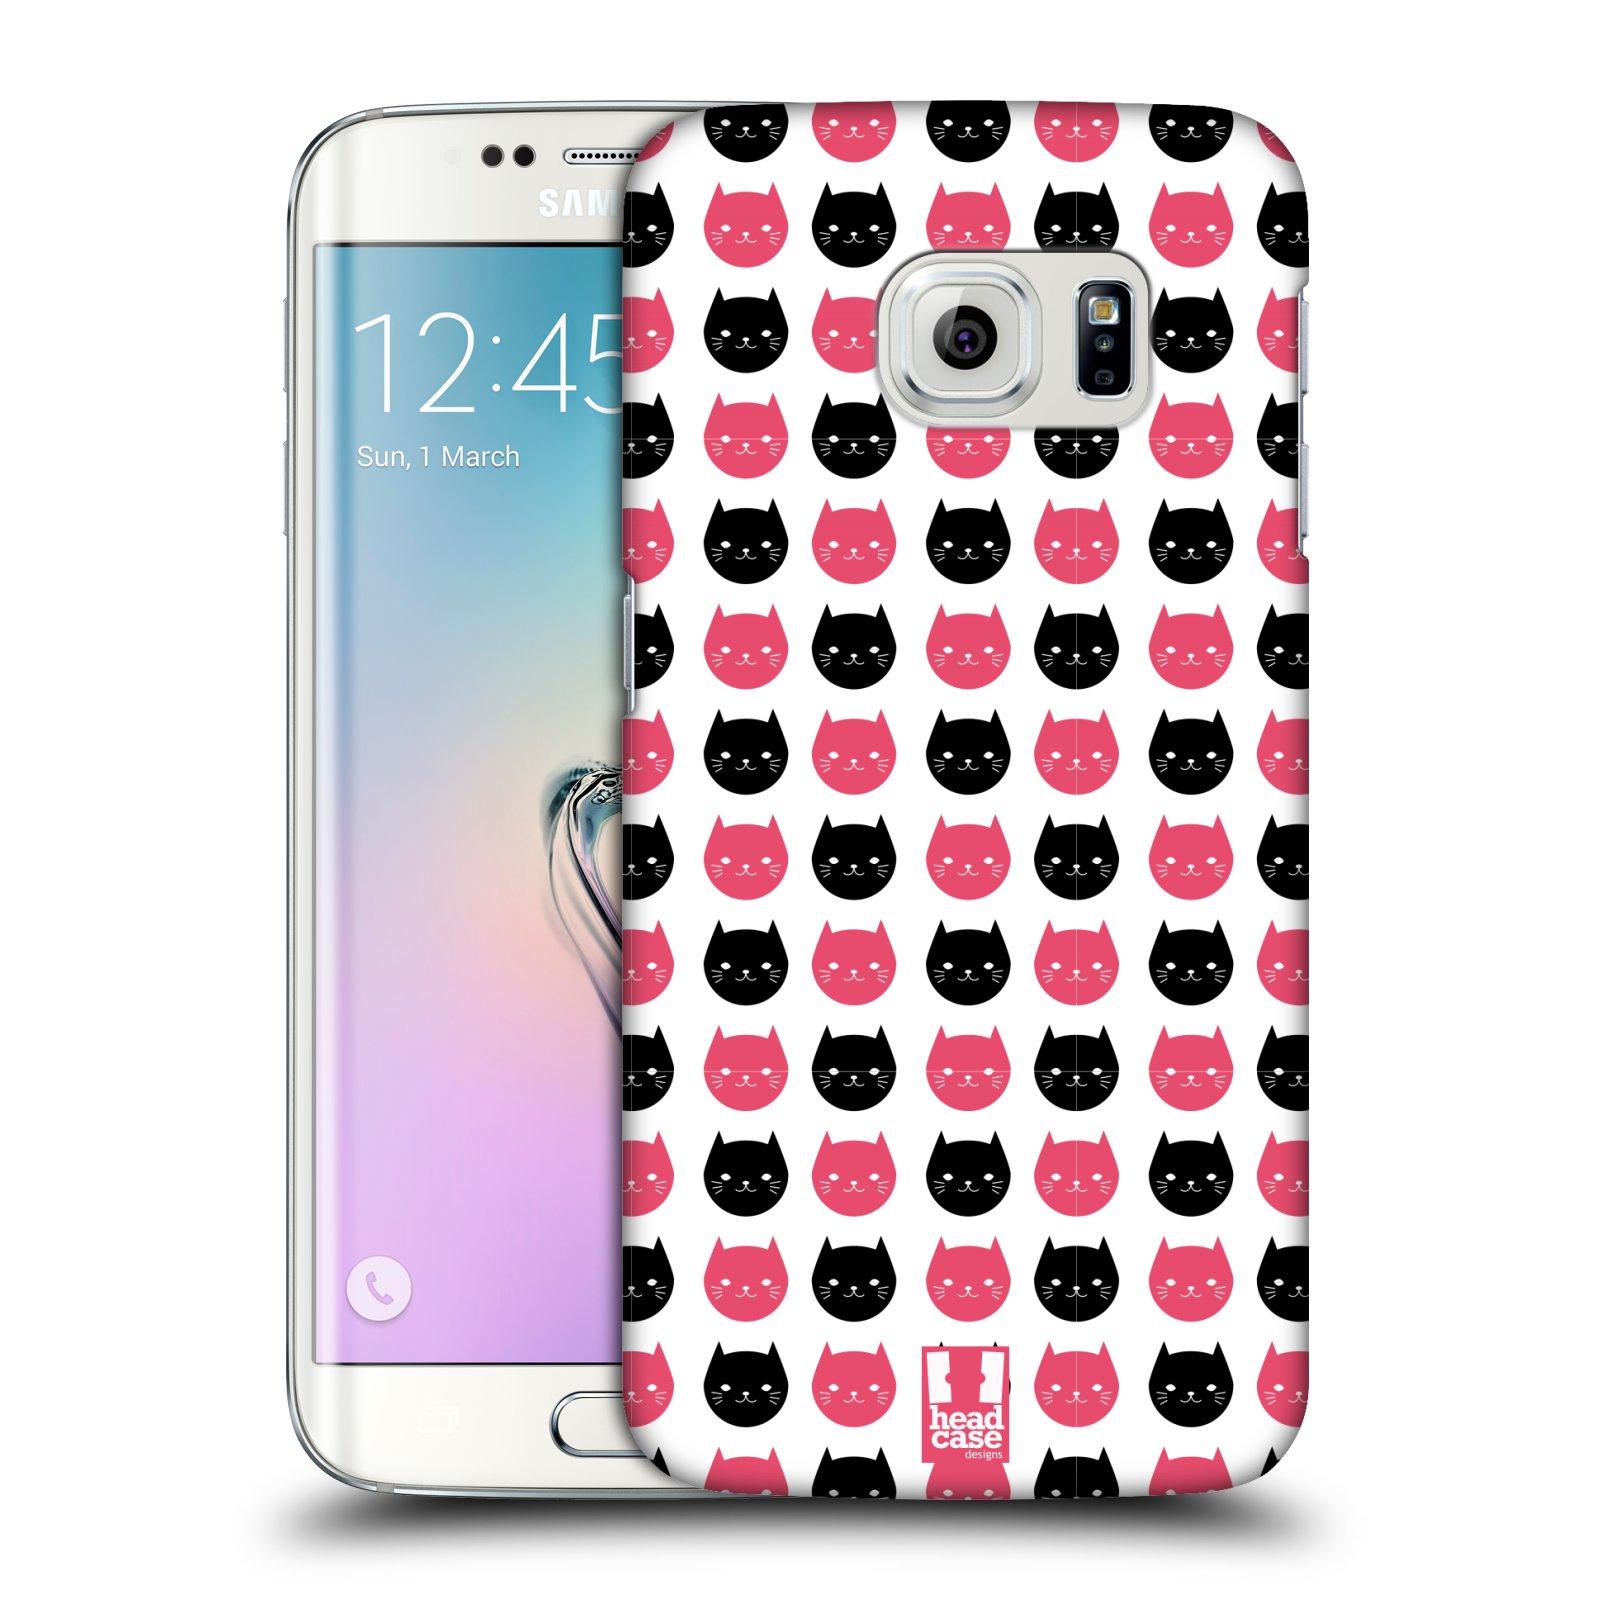 Plastové pouzdro na mobil Samsung Galaxy S6 Edge HEAD CASE KOČKY Black and Pink (Kryt či obal na mobilní telefon Samsung Galaxy S6 Edge SM-G925F)